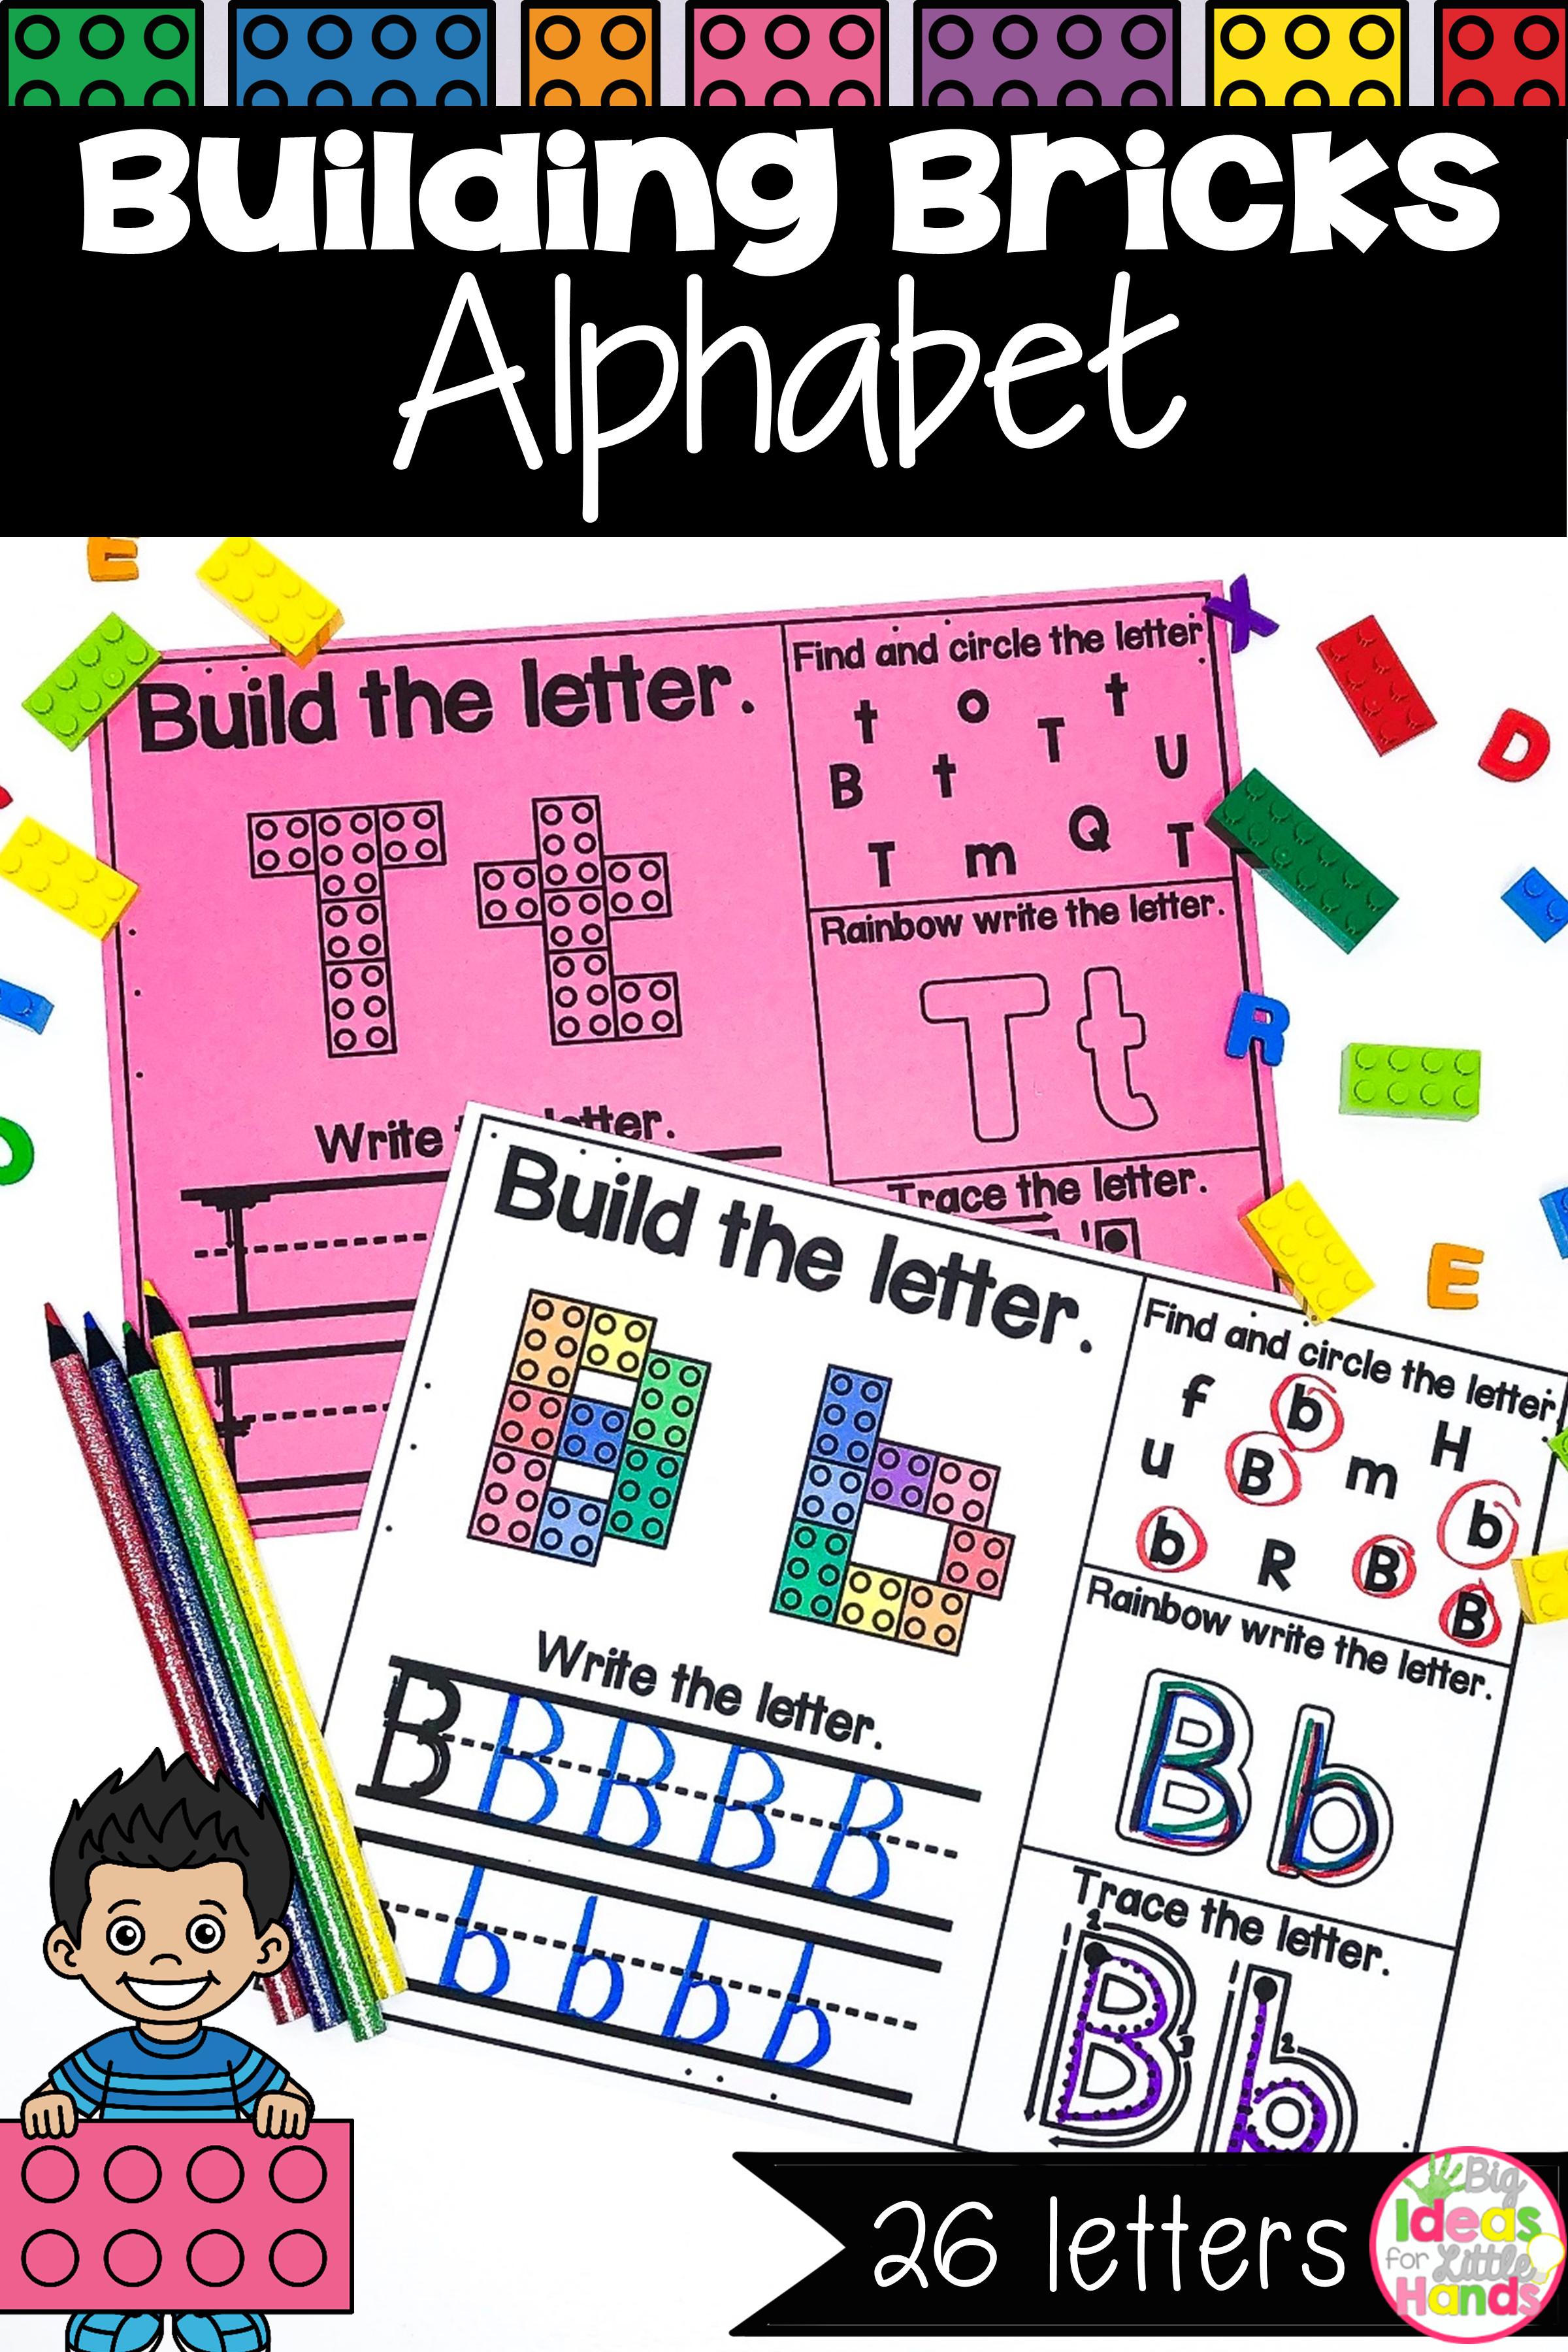 Building Bricks Alphabet Letters Mat